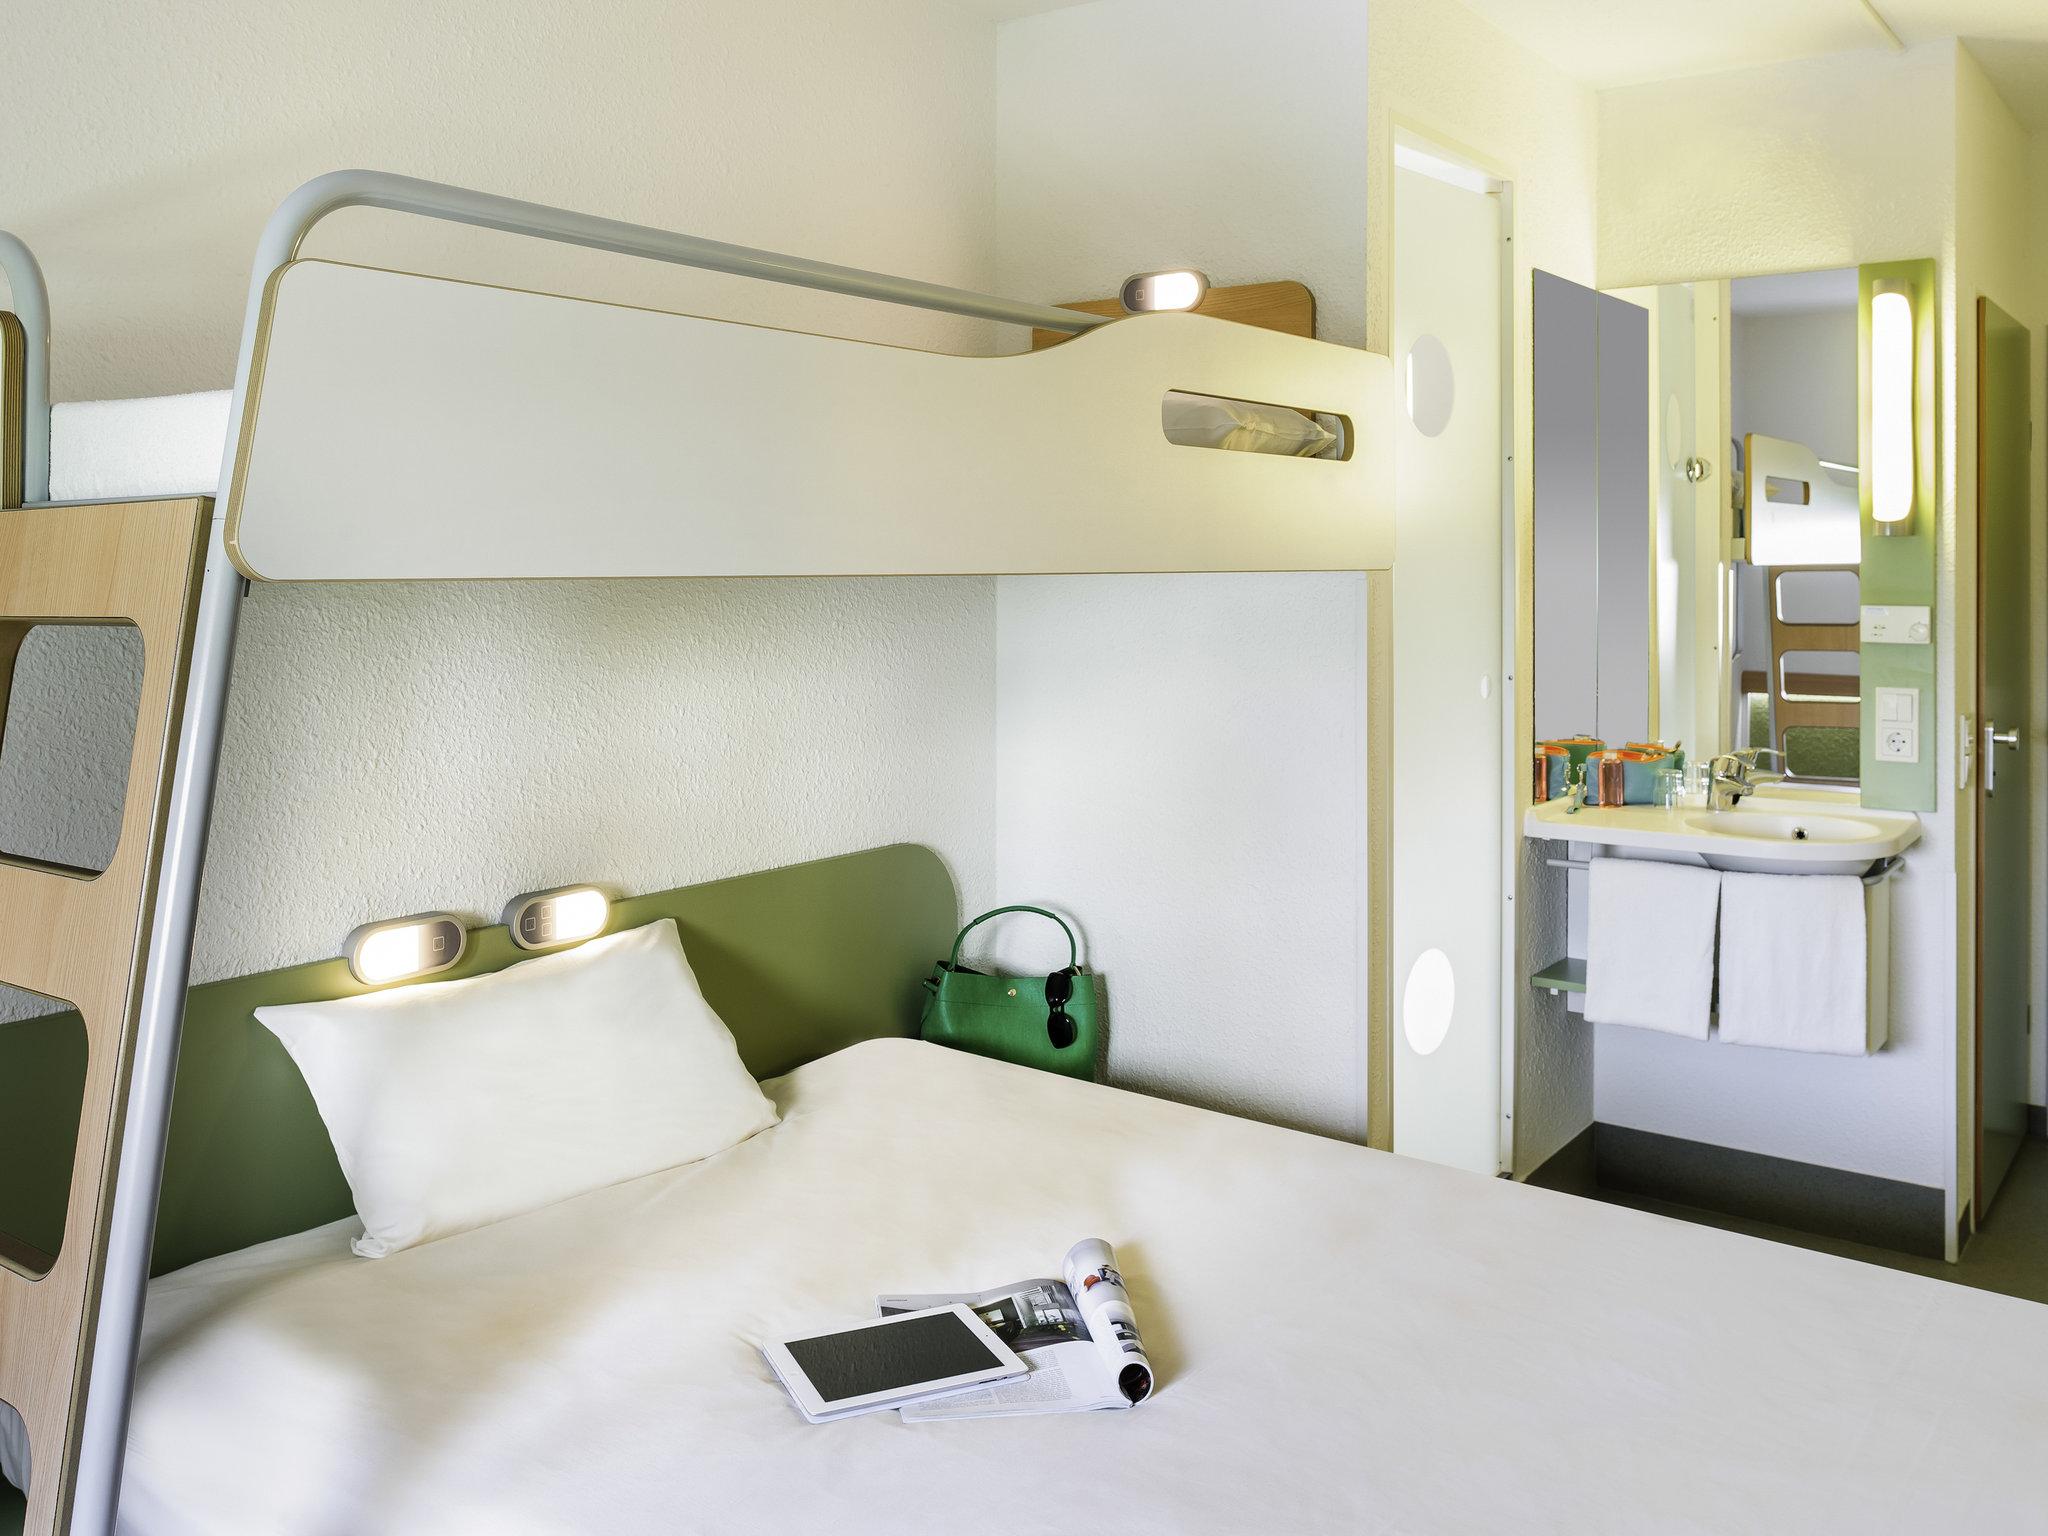 hotel pas cher lyon gerland. Black Bedroom Furniture Sets. Home Design Ideas